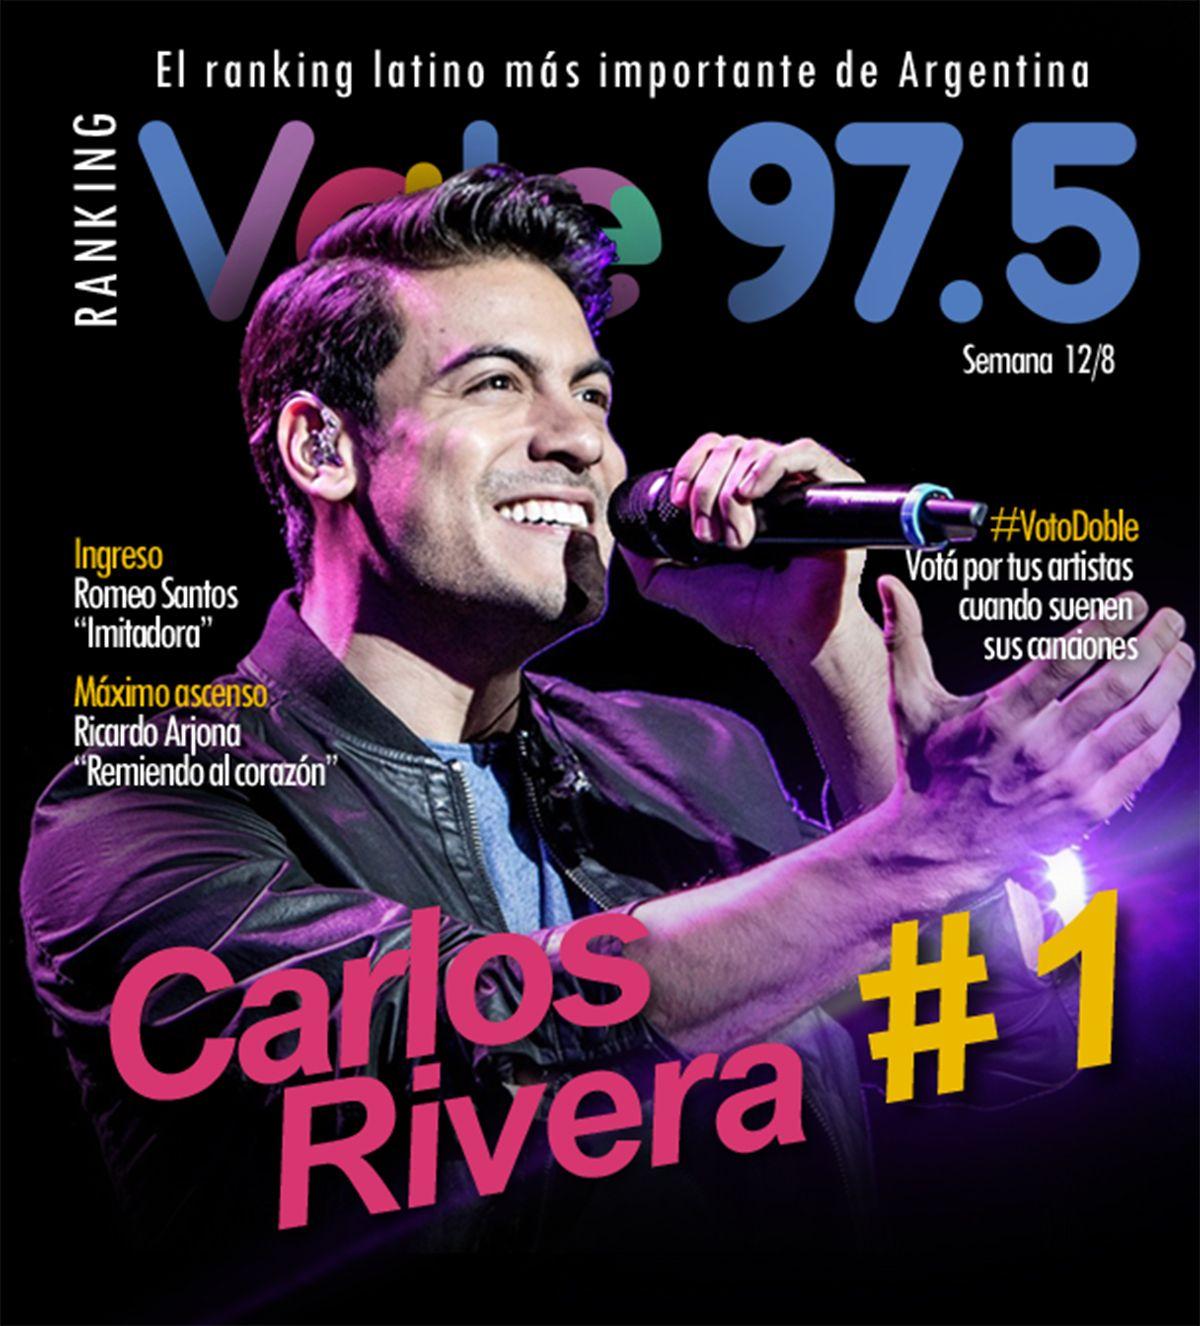 Carlos Rivera y Gente de zona siguen en lo más alto del Ranking Vale